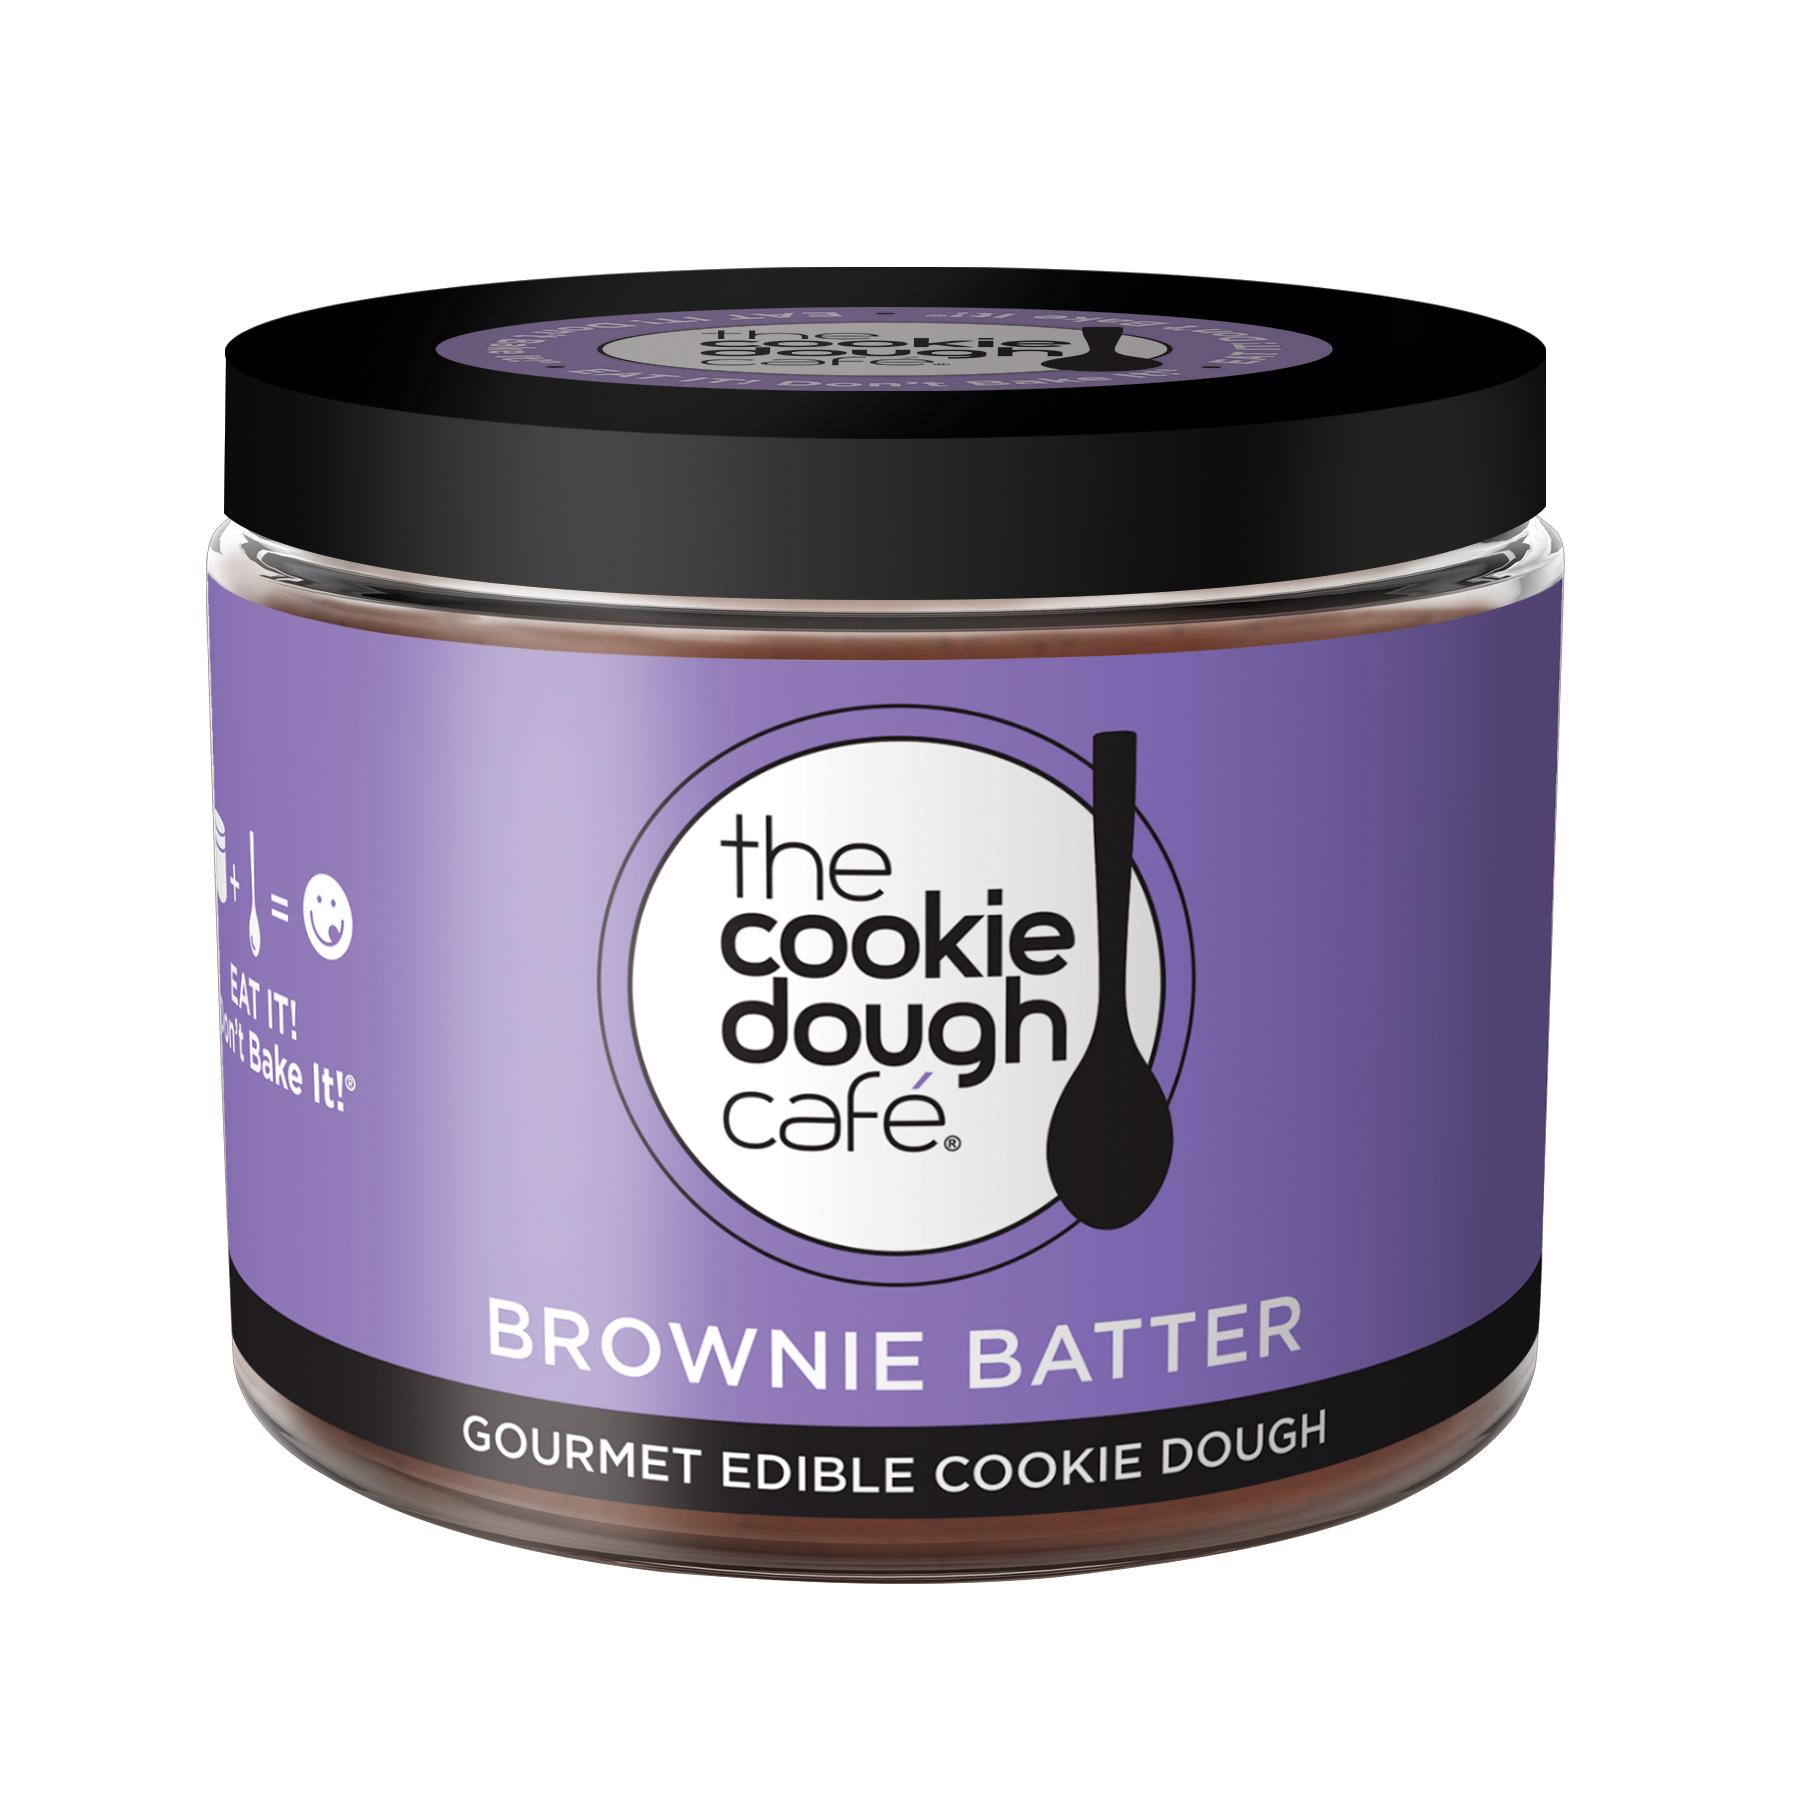 Brownie Batter Pint 5055